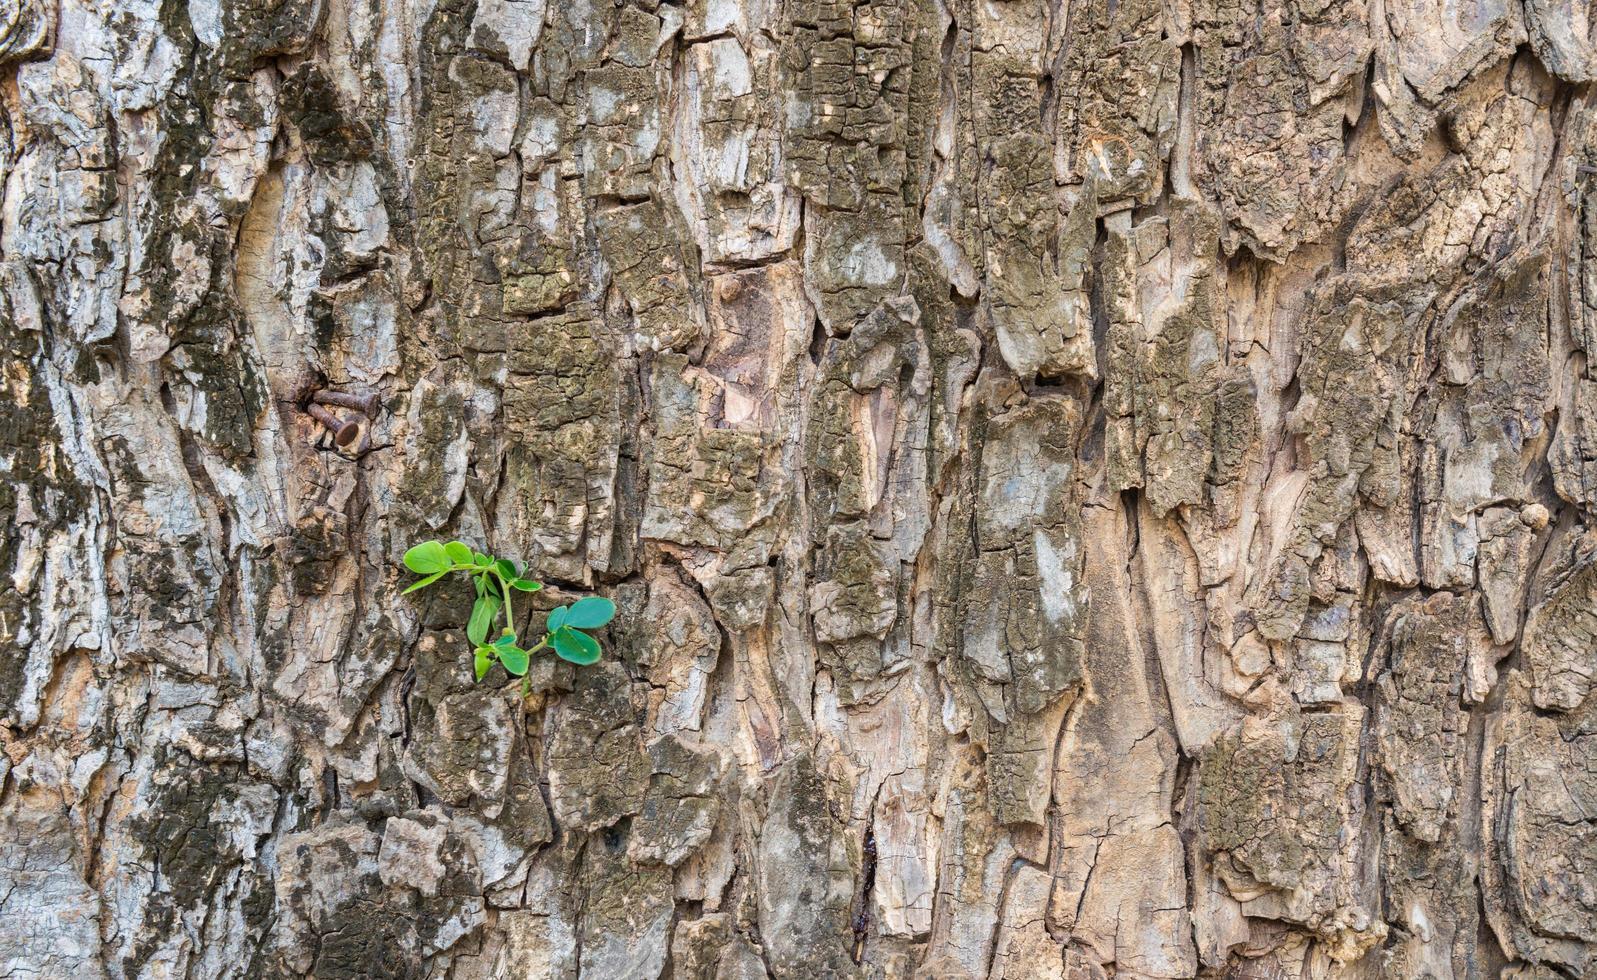 textur av den bruna regnbarken på ett träd med gröna groddar på den foto